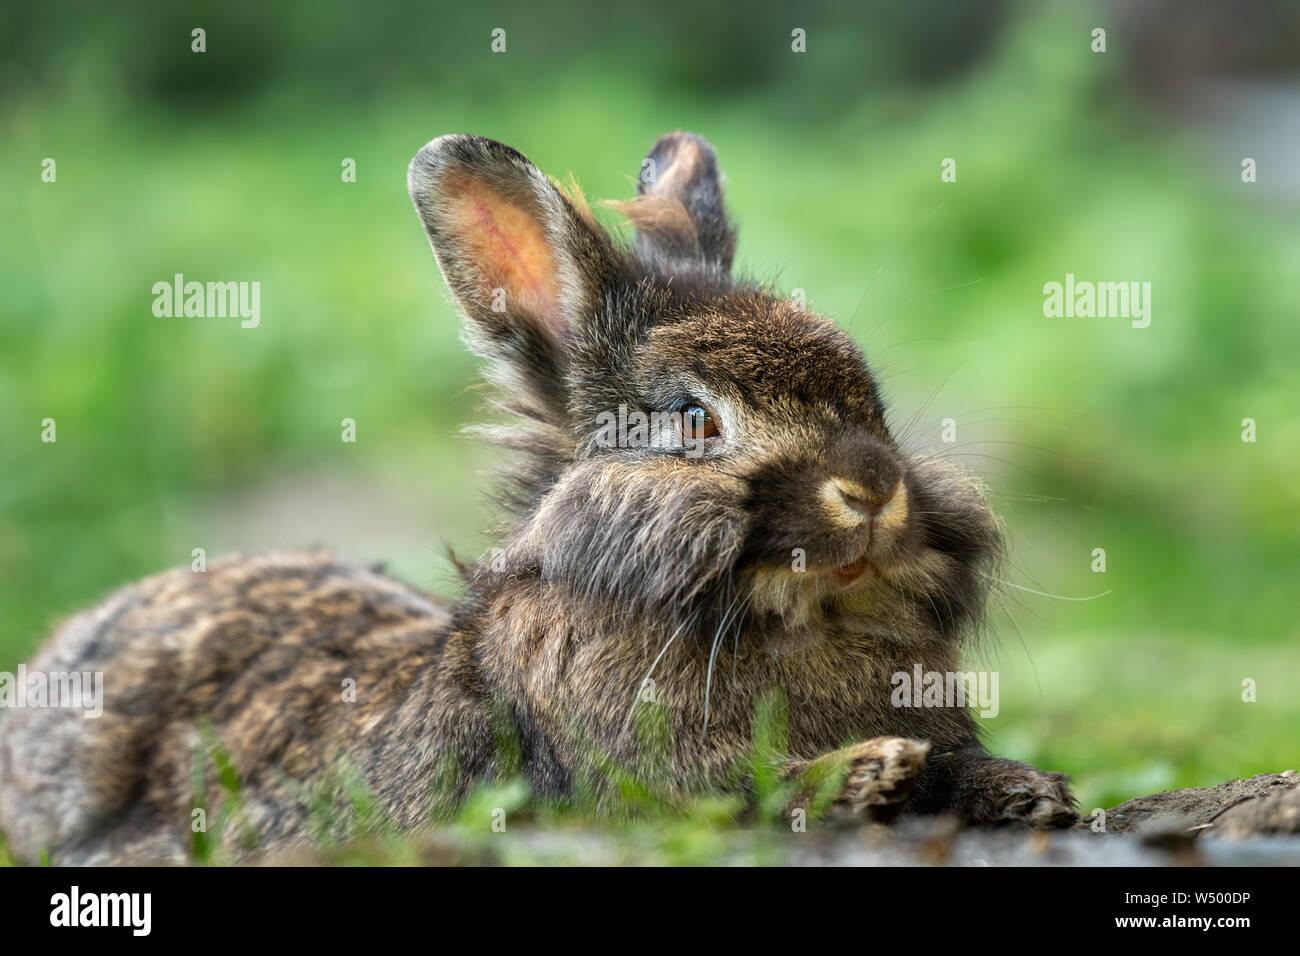 Un marrón lindo conejo enano (Lions head) descansando en la hierba Foto de stock